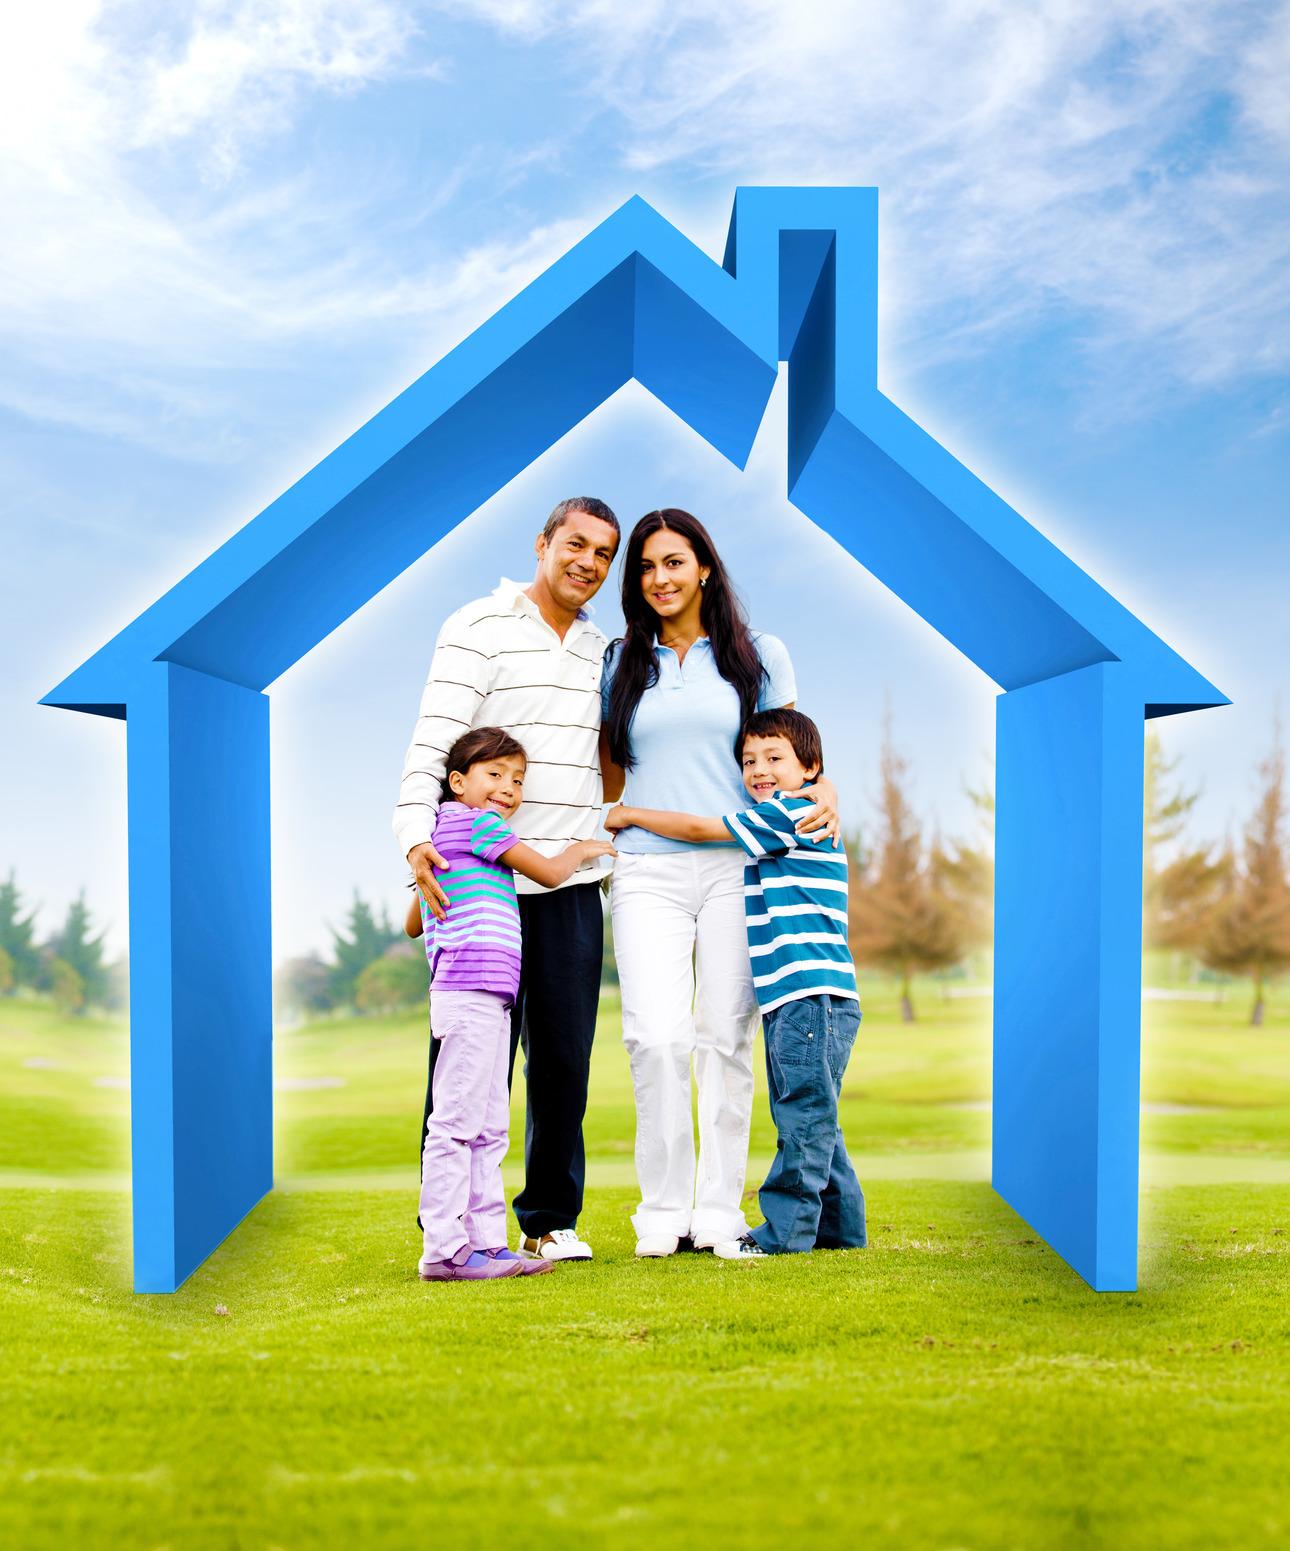 фото недвижимости семья размещение, обвязка котлов